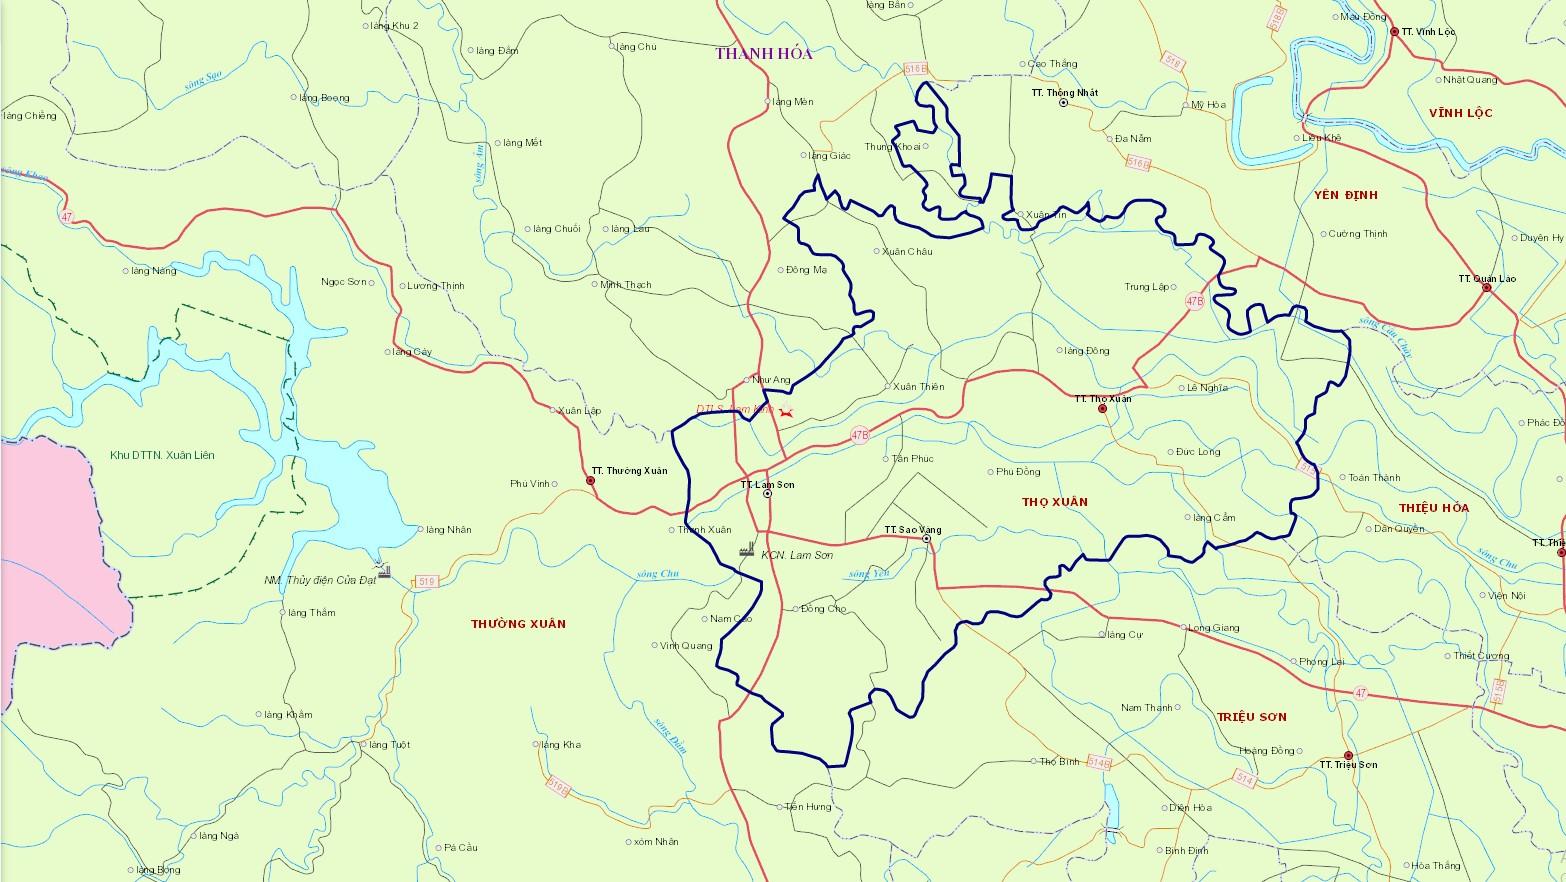 Bản đồ hành chính huyện Thọ Xuân